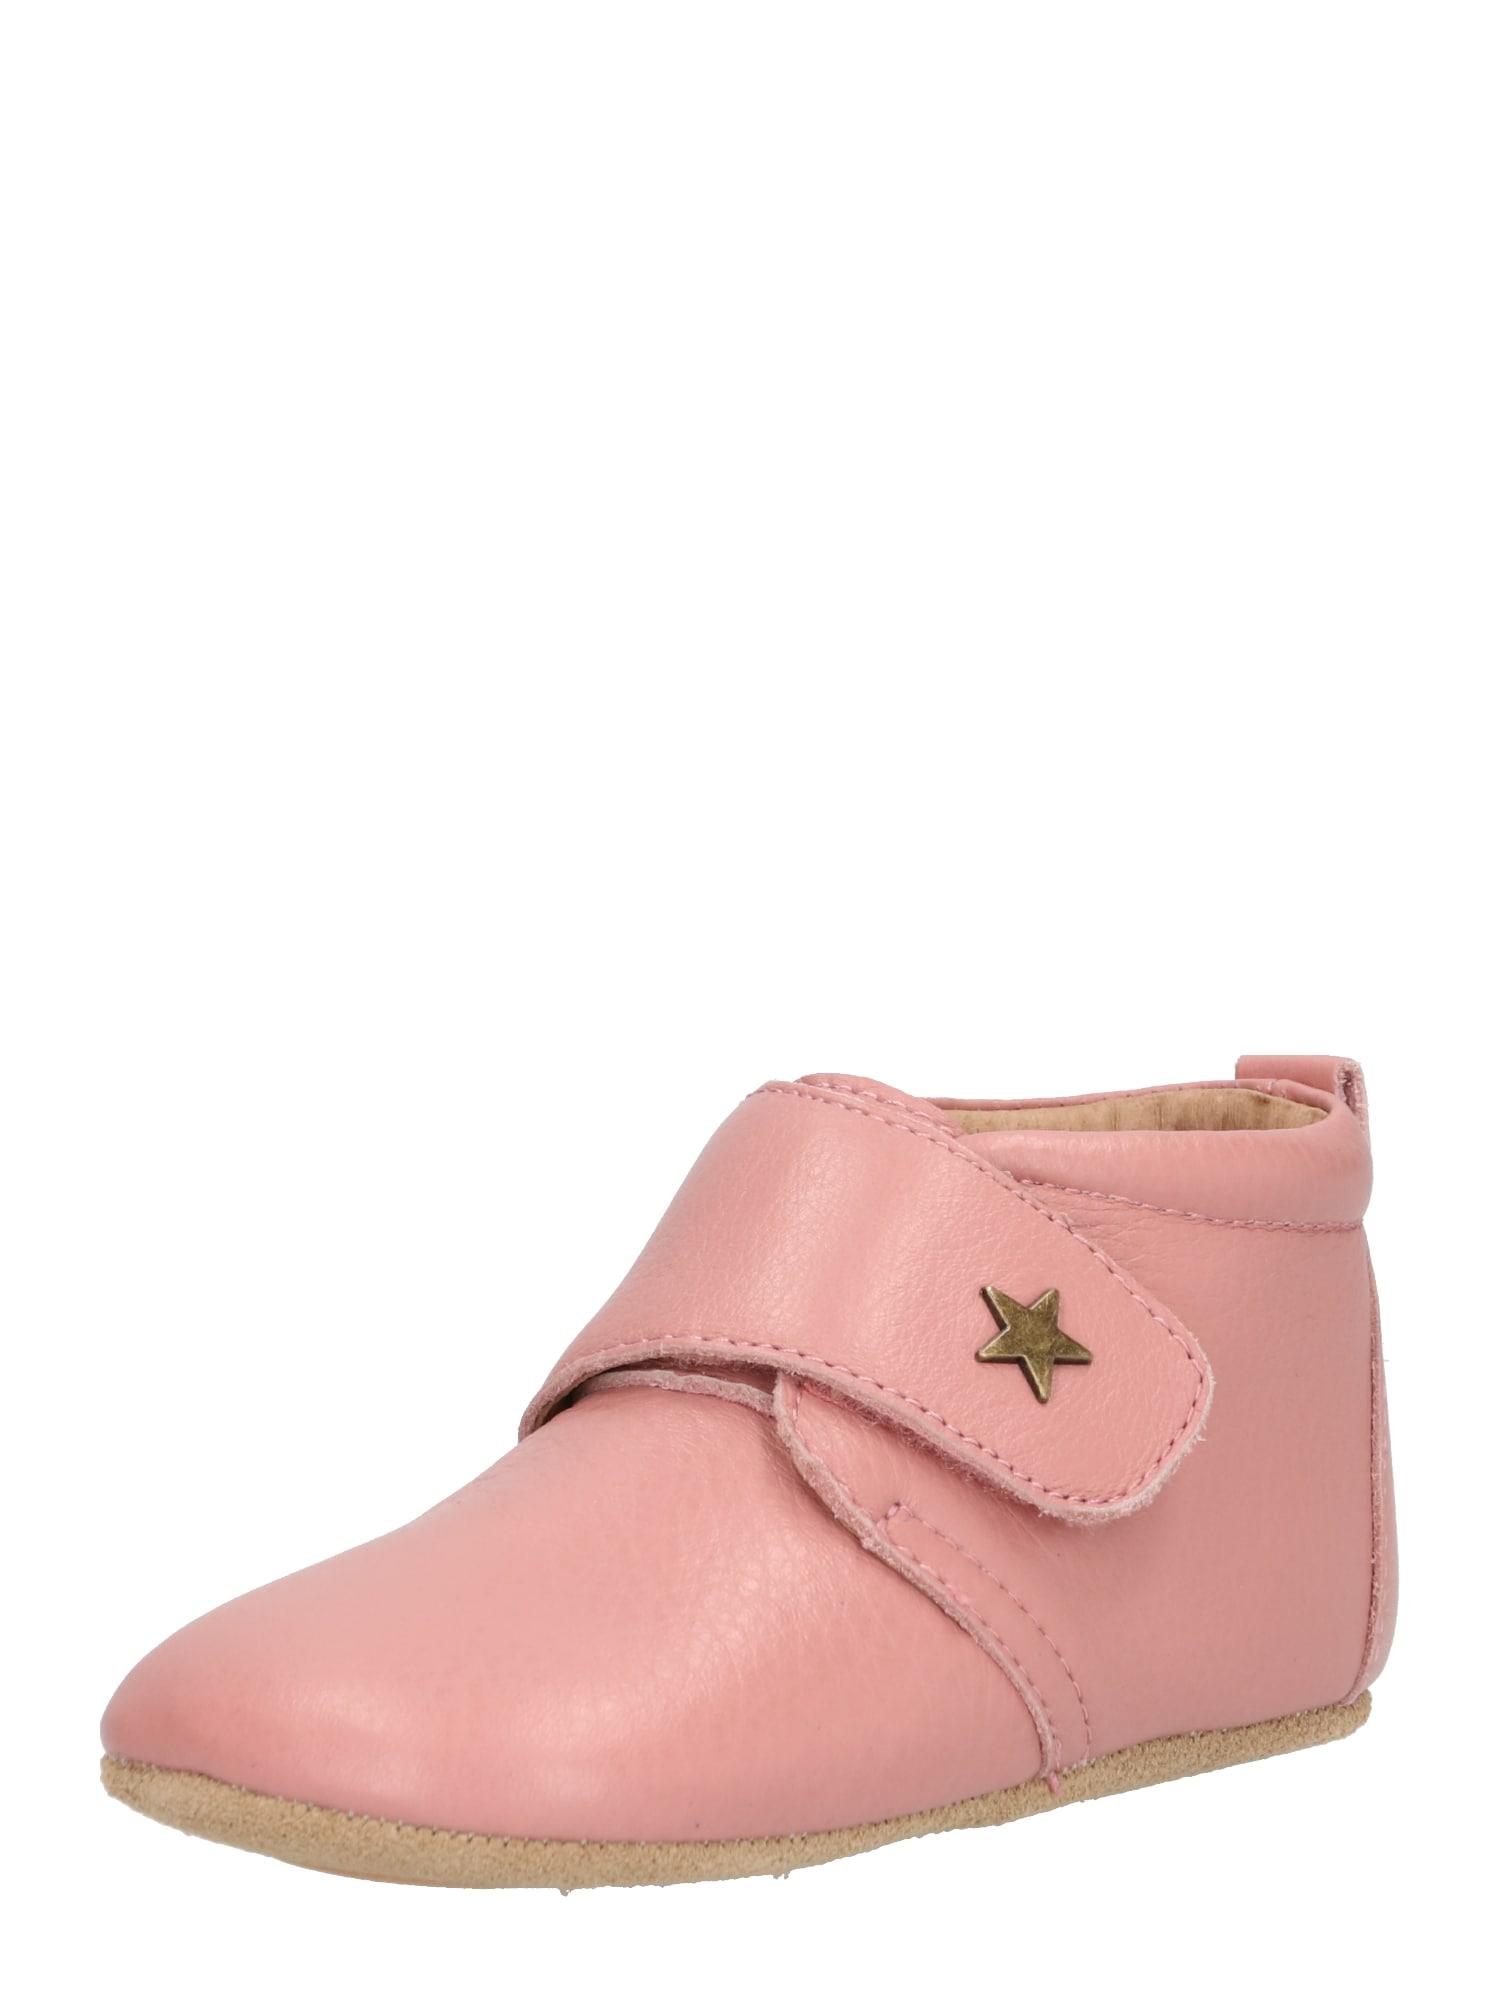 Polobotky HOME SHOE - VELCRO STAR růžová BISGAARD